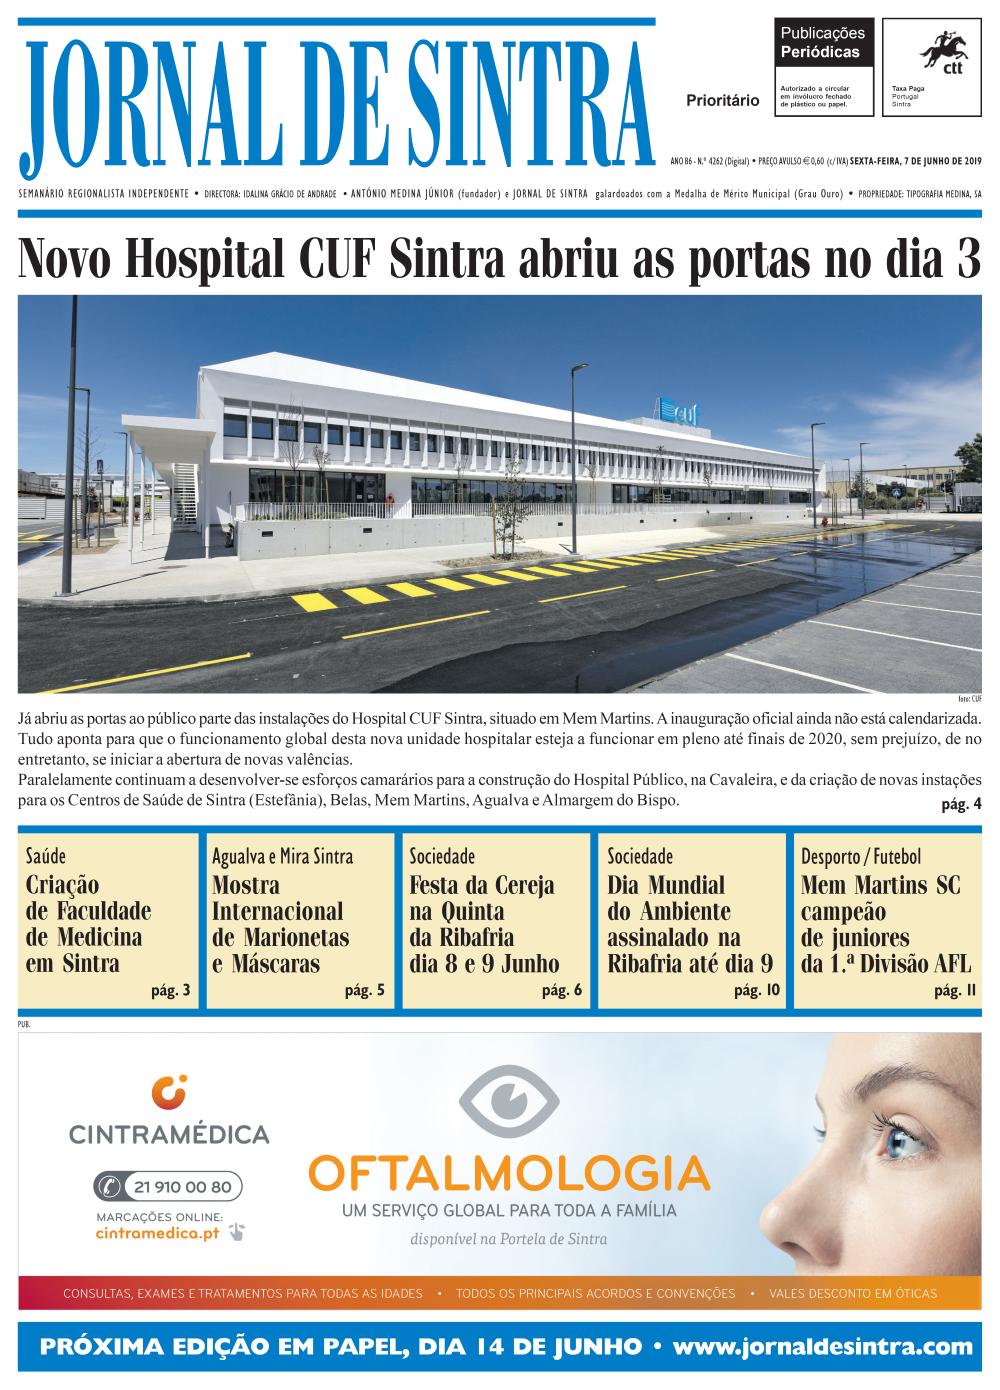 Capa da edição de 07/06/2019